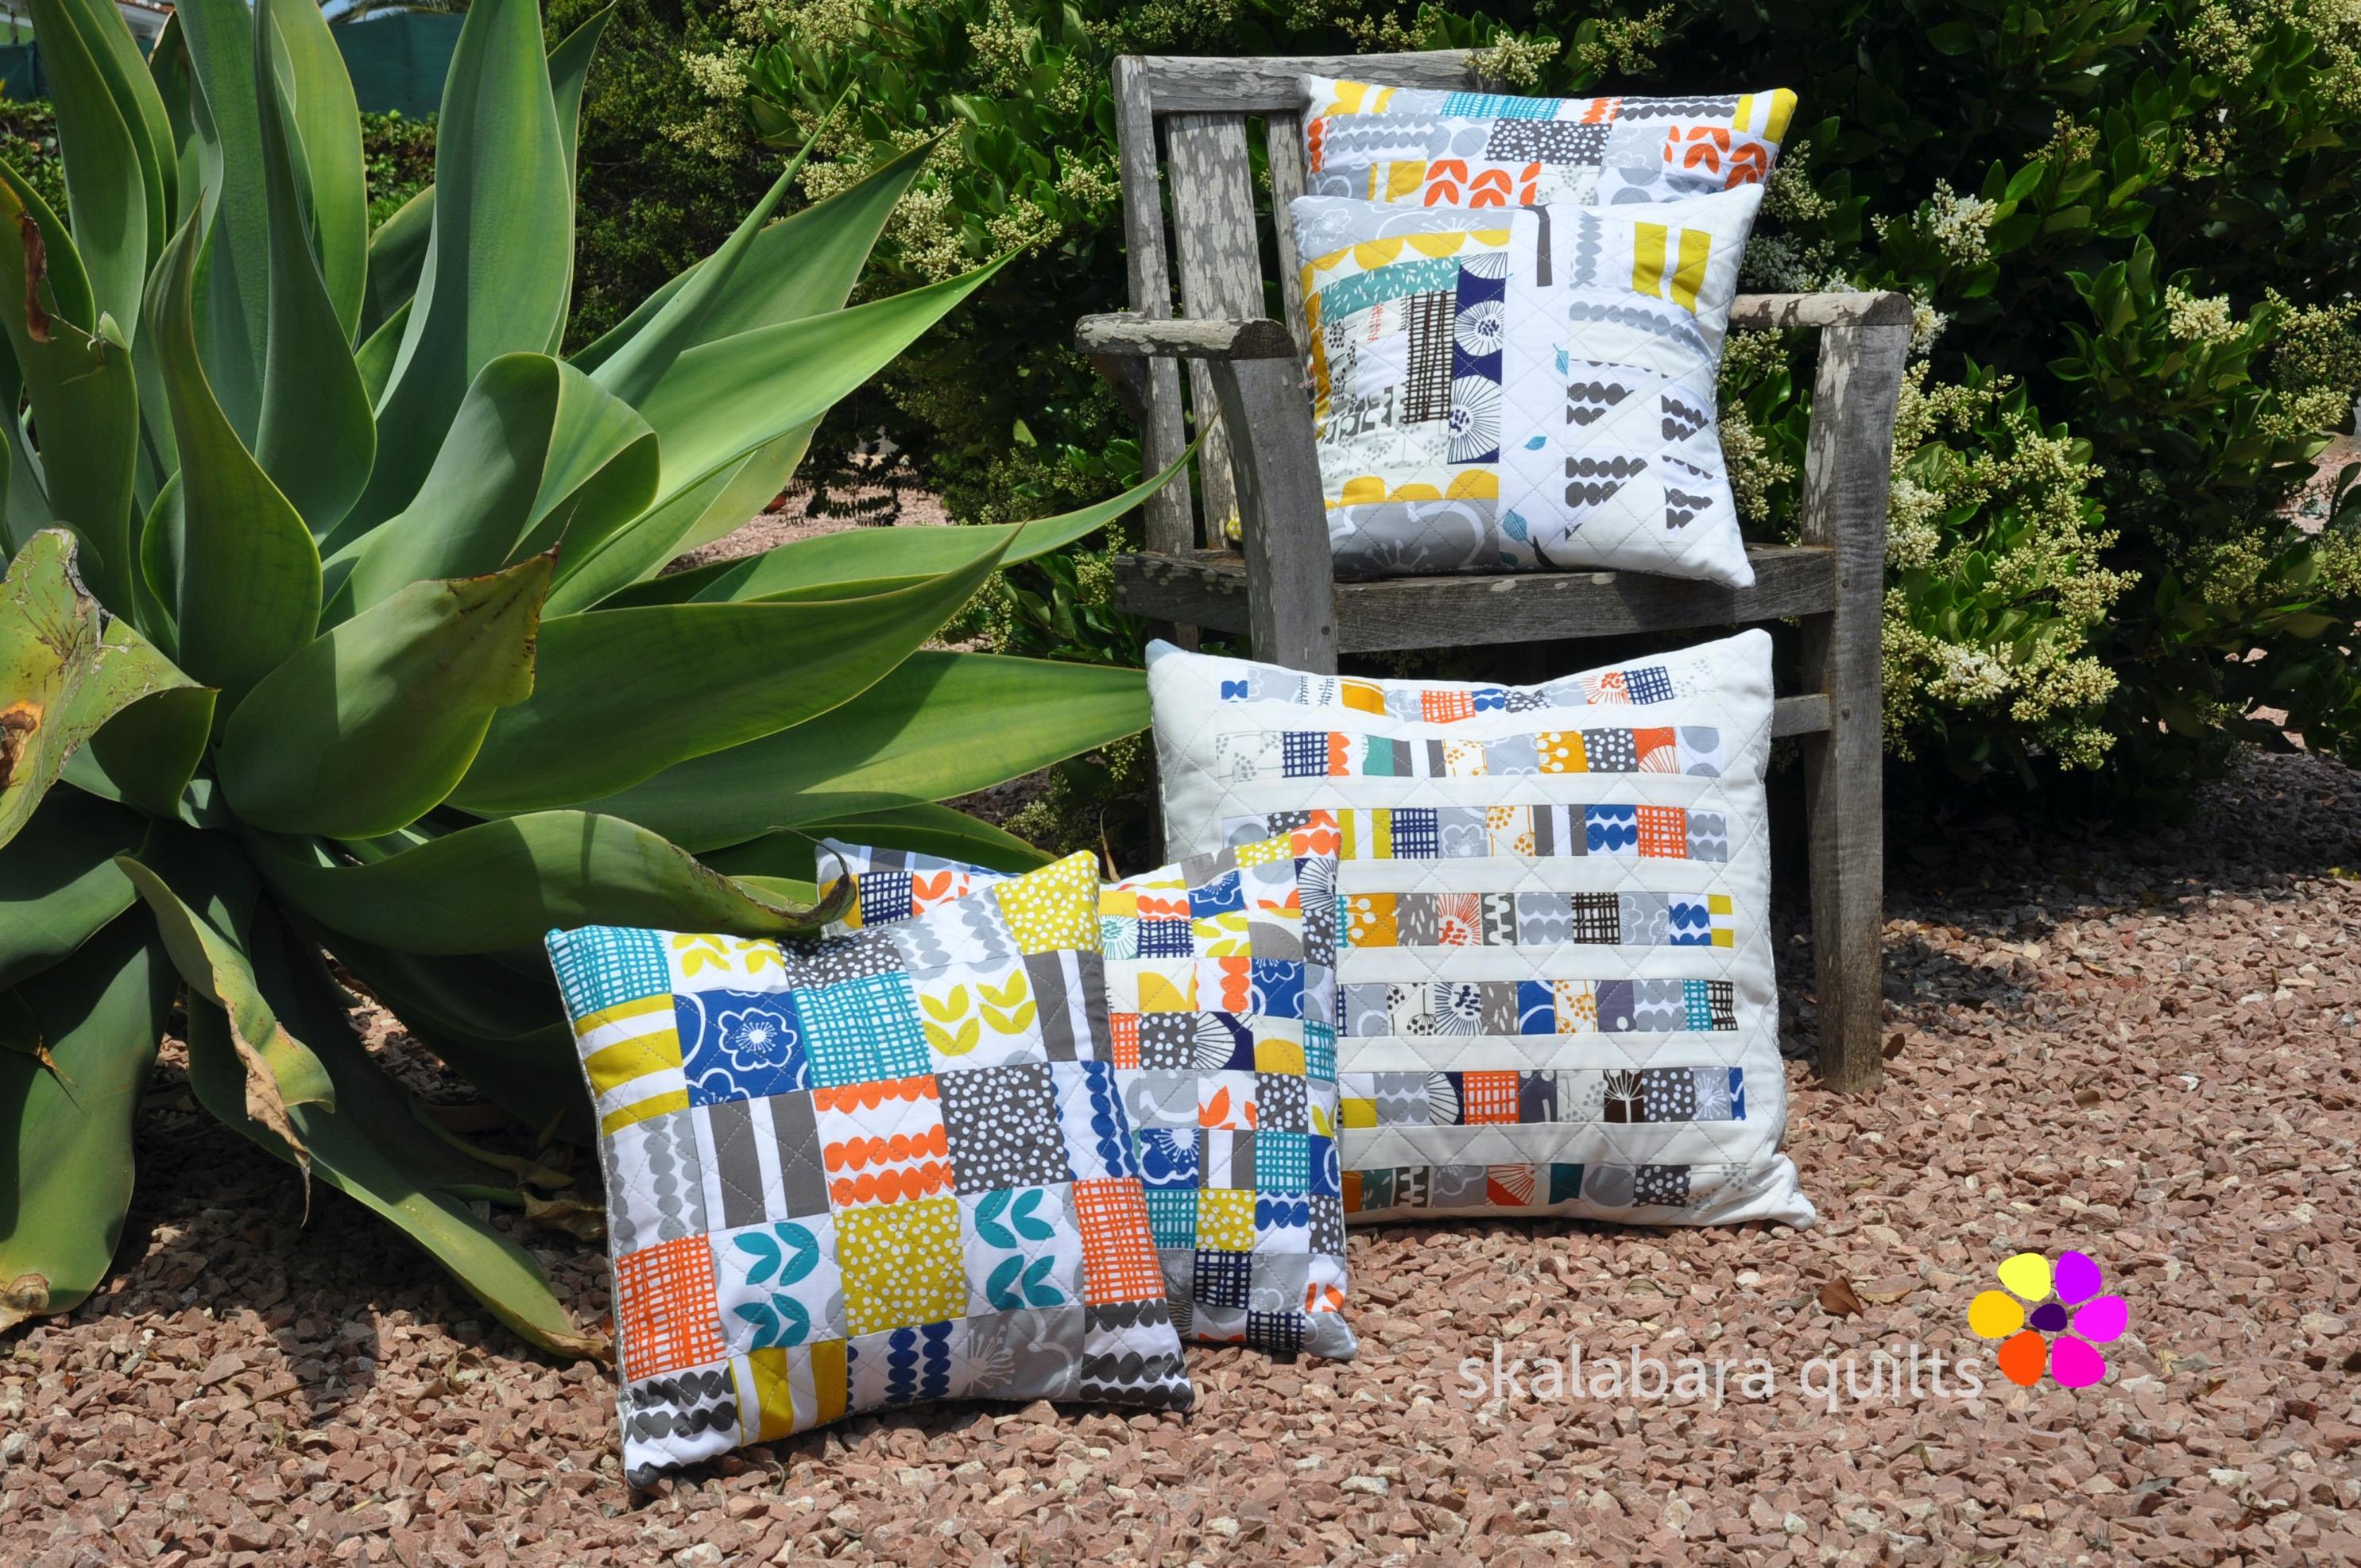 bella cushion covers 5 - skalabara quilts